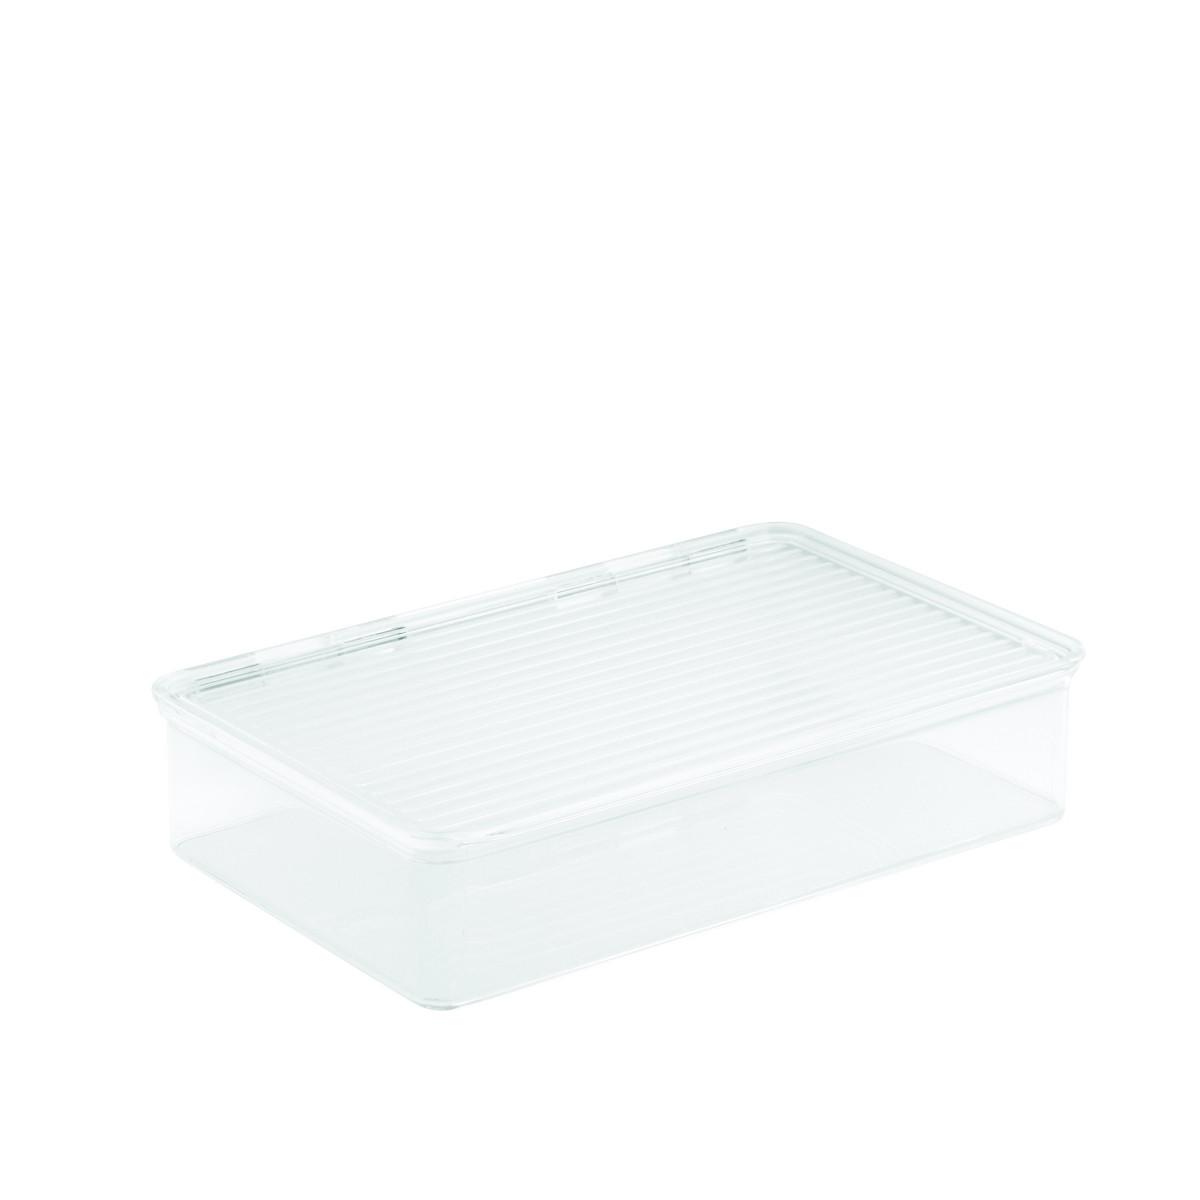 Bo te transparente empilable avec couvercle pour frigo - Boite acrylique transparente ...